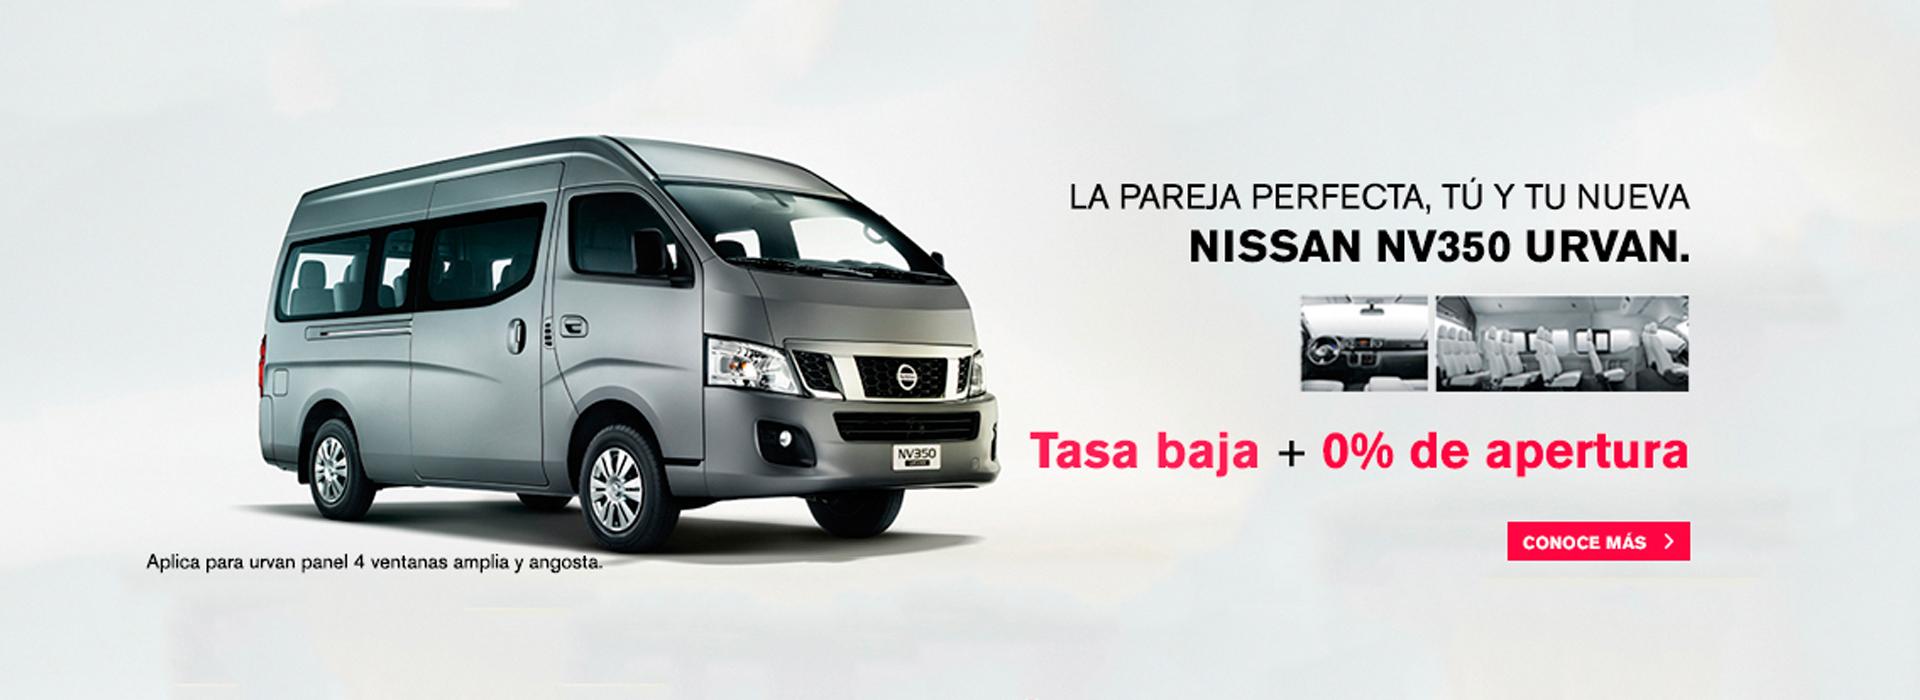 Nissan Urvan 350